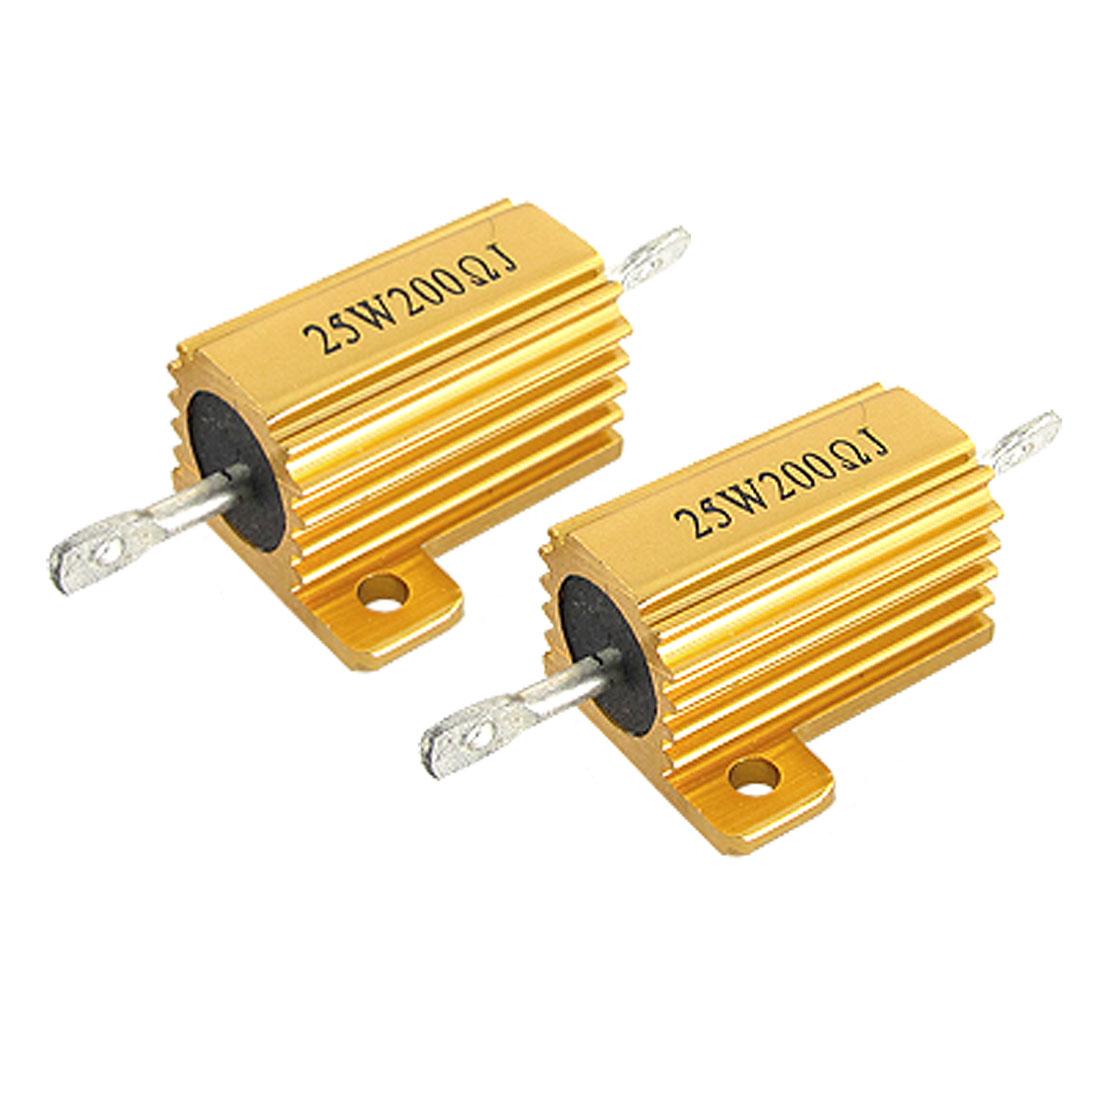 25W 200 OHM 200R Aluminium Clad Resistor 25W Watt x 2